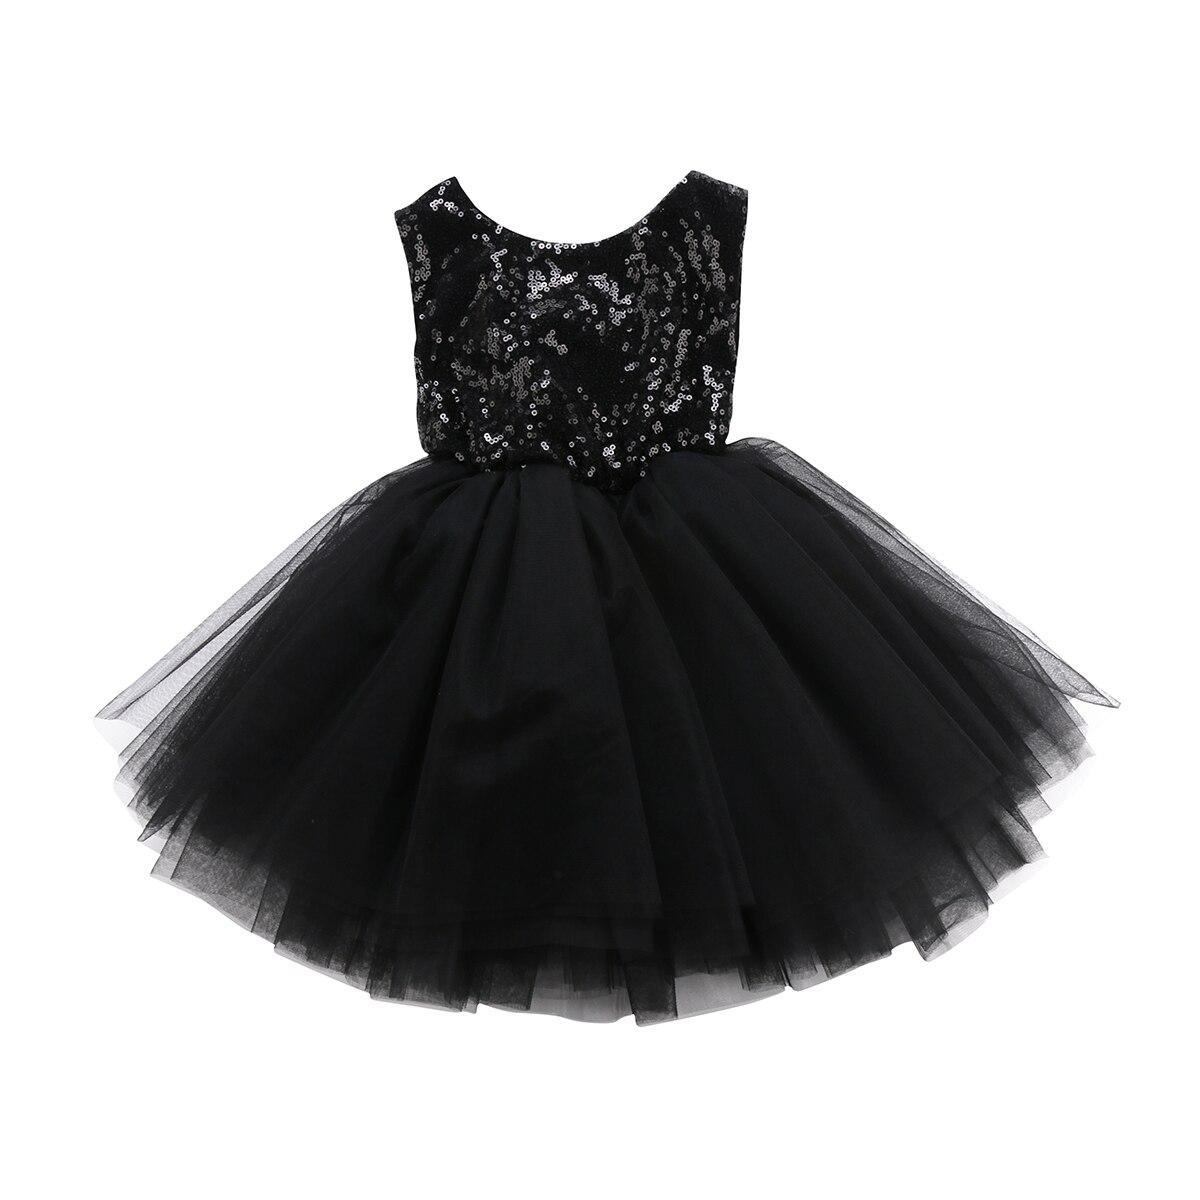 Sin espalda princesa niños bebé flor niñas ropa fiesta lentejuelas vestido sin mangas tutú Mini niveles Mini Vestidos Niña